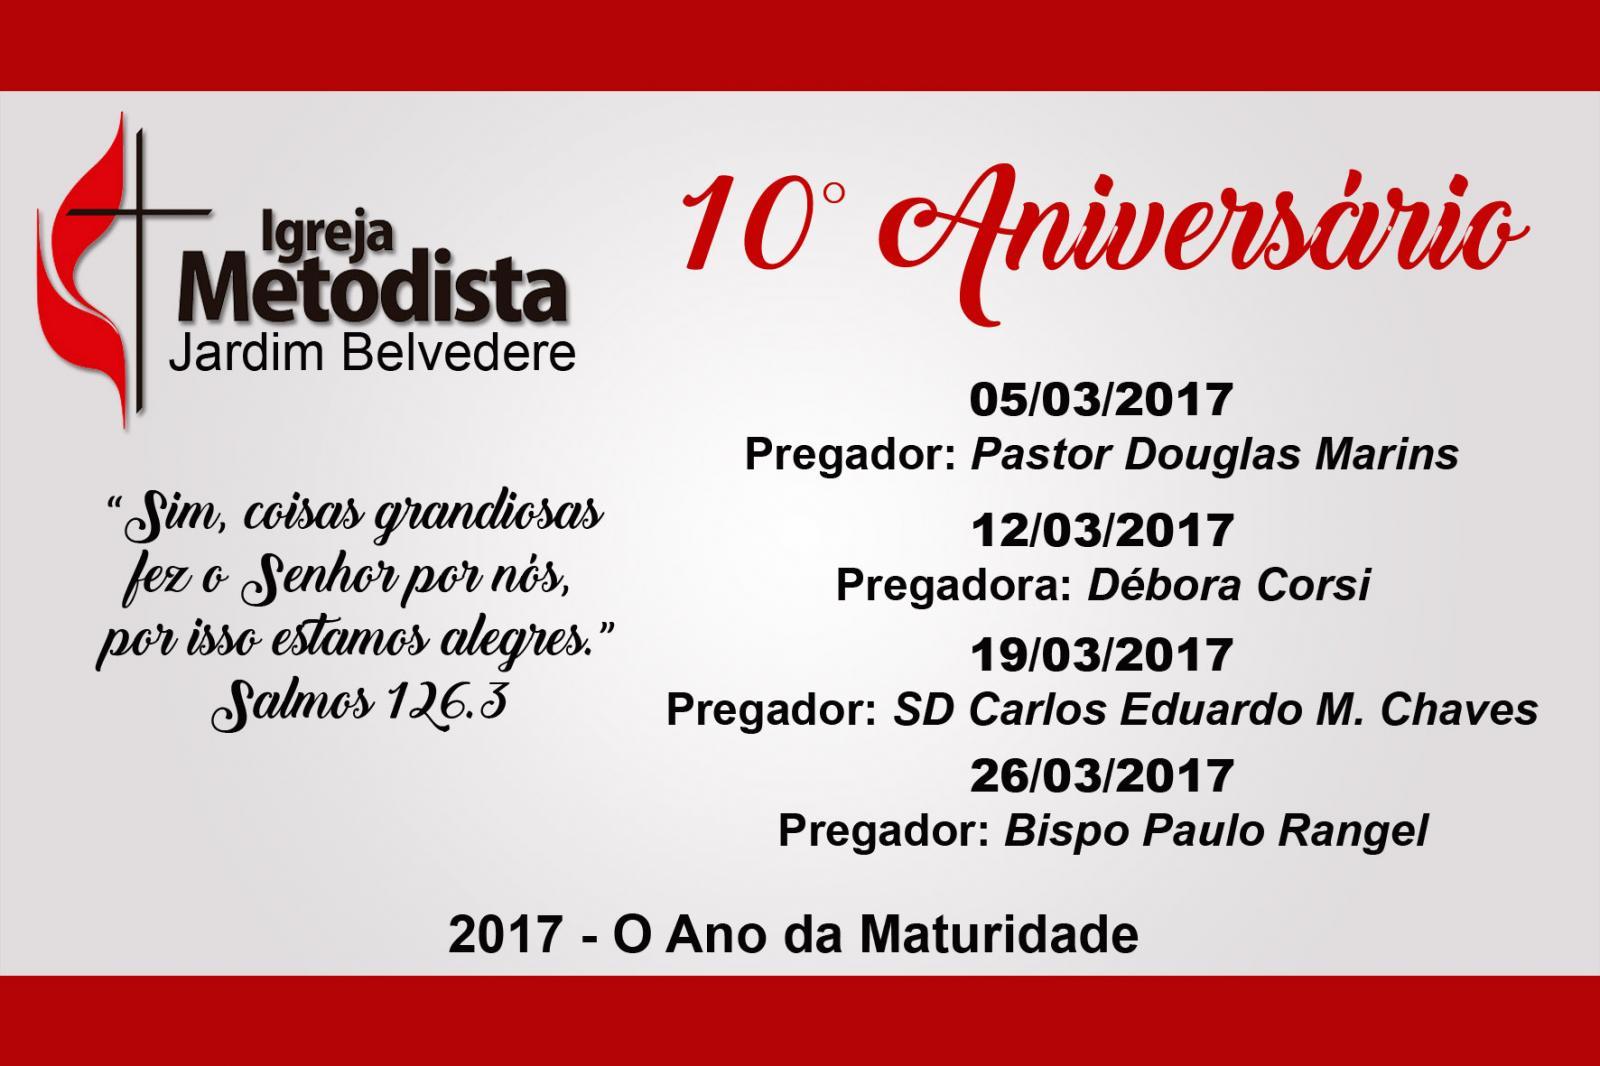 10° Aniversário da Igreja Metodista no Jardim Belvedere